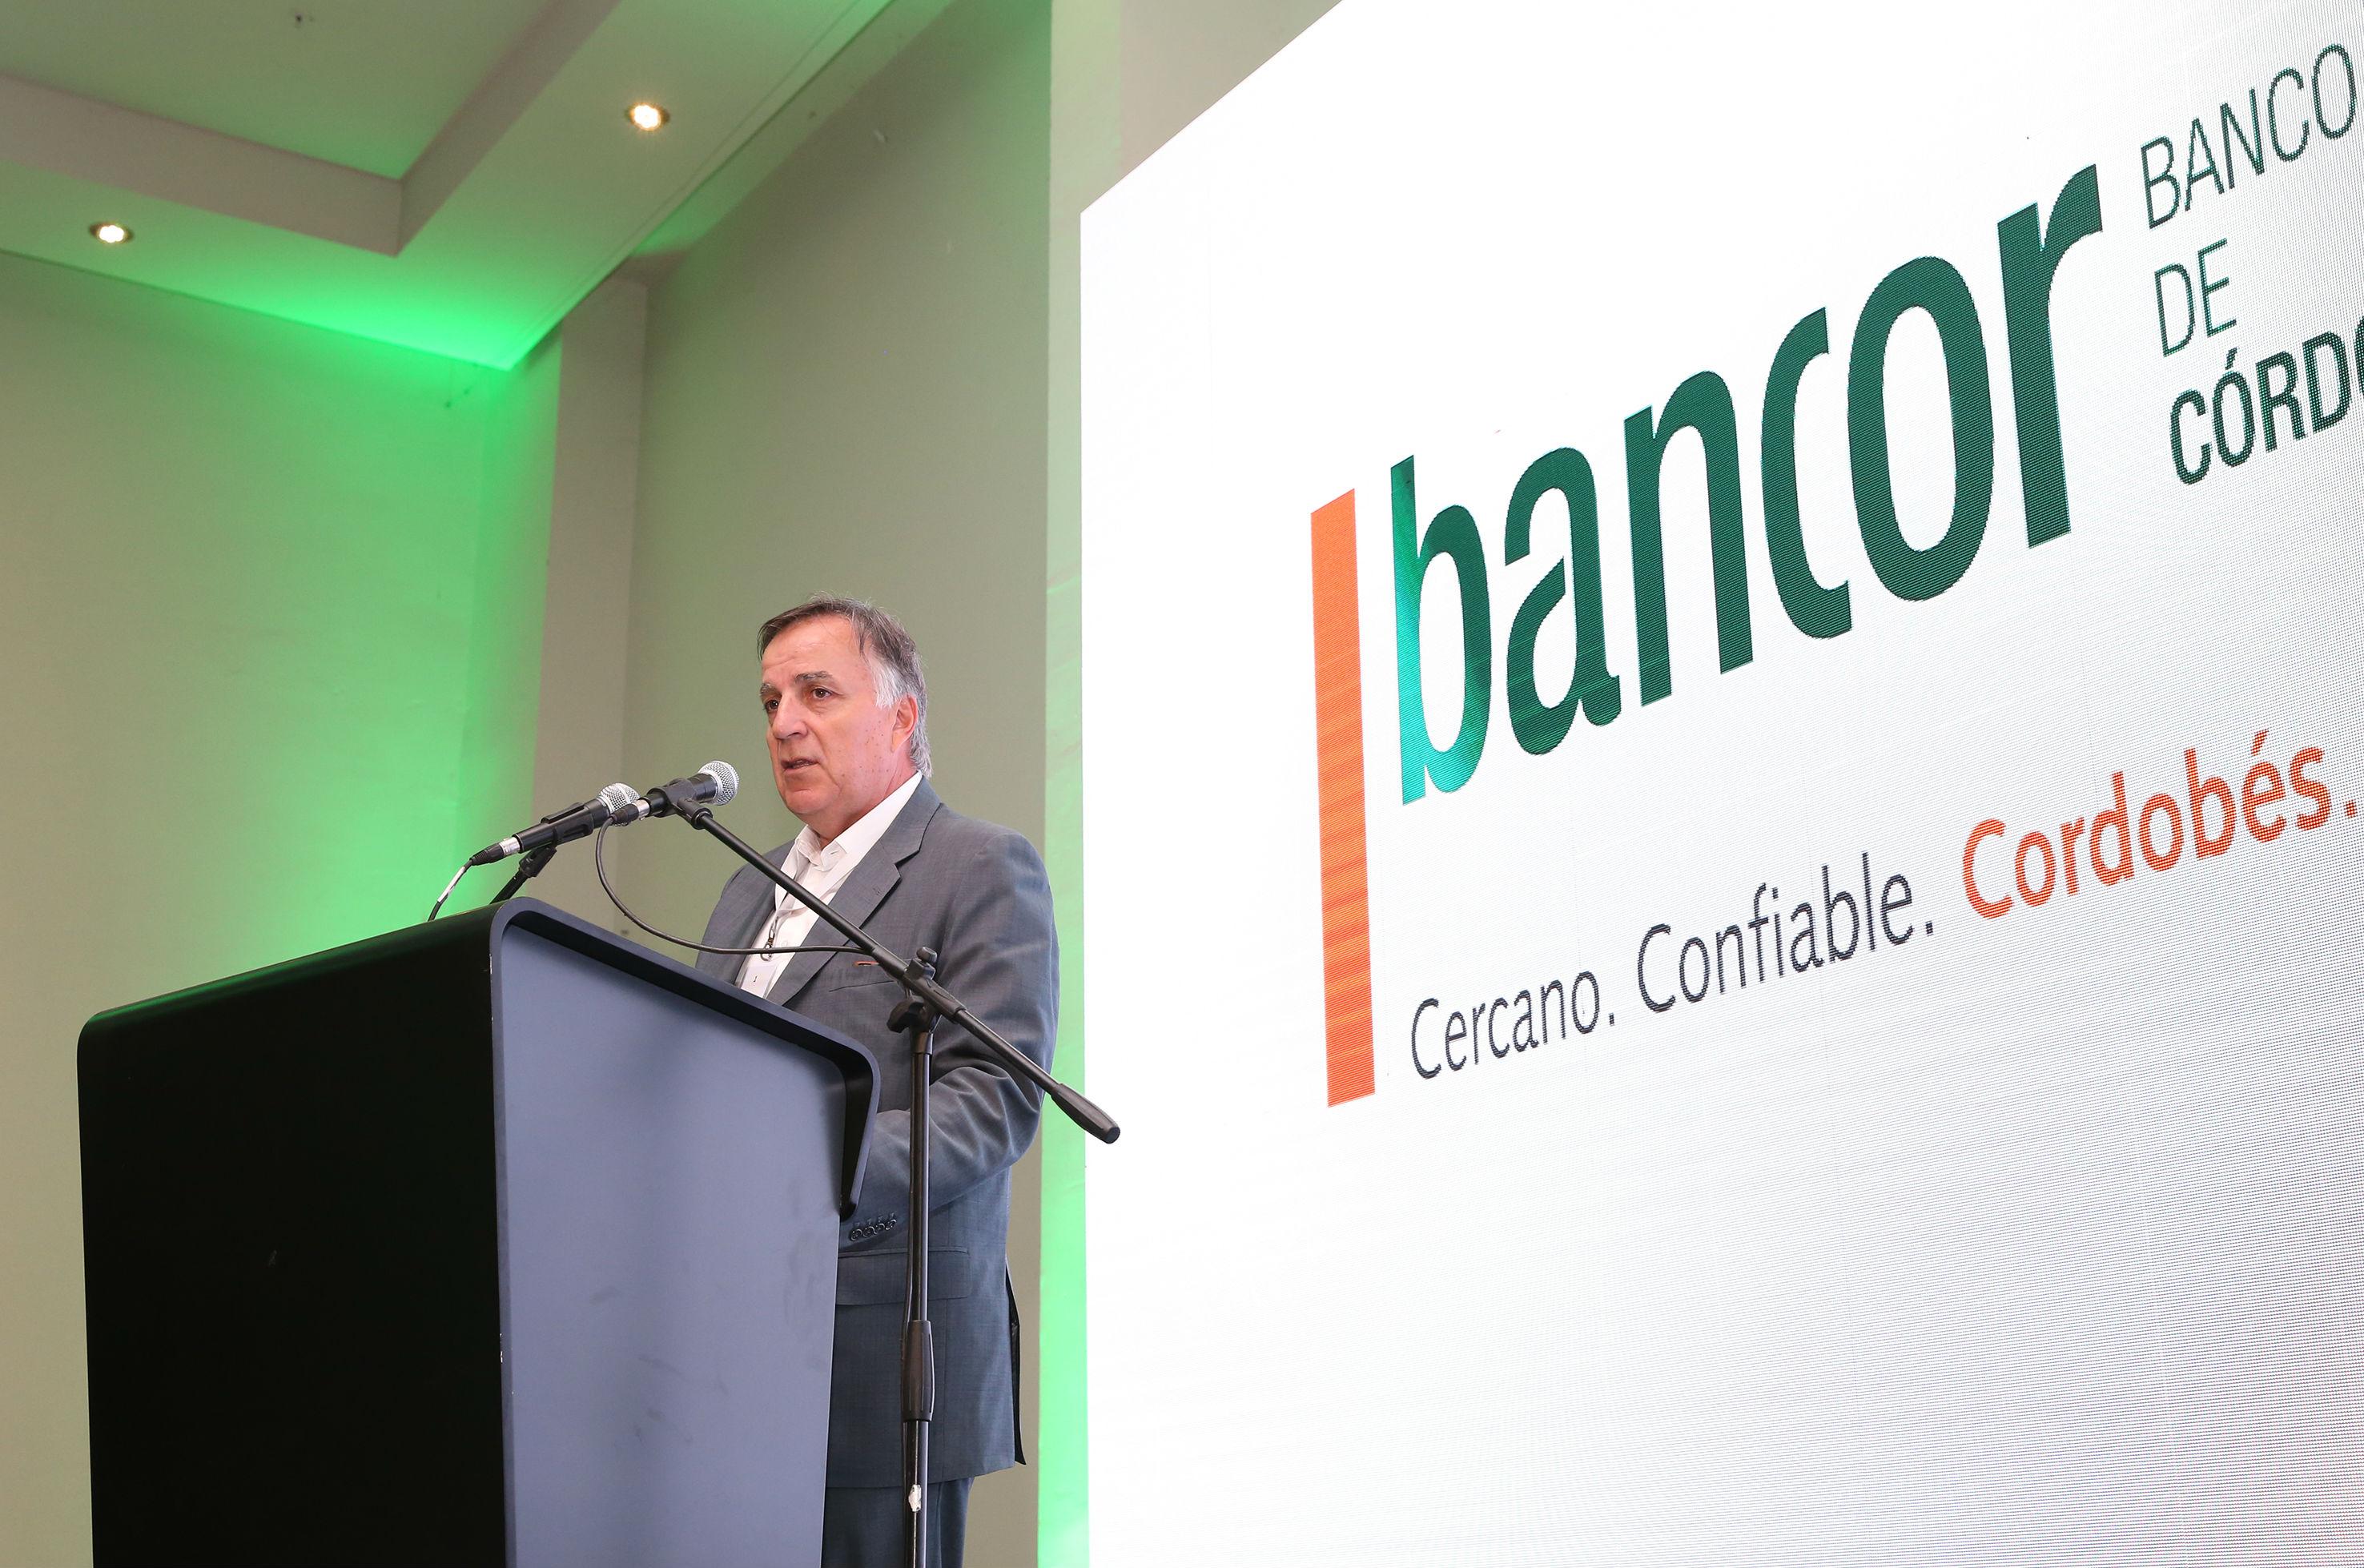 Pr stamos bancor fuerte crecimiento casi llegando a fin for Banco de cordoba prestamos